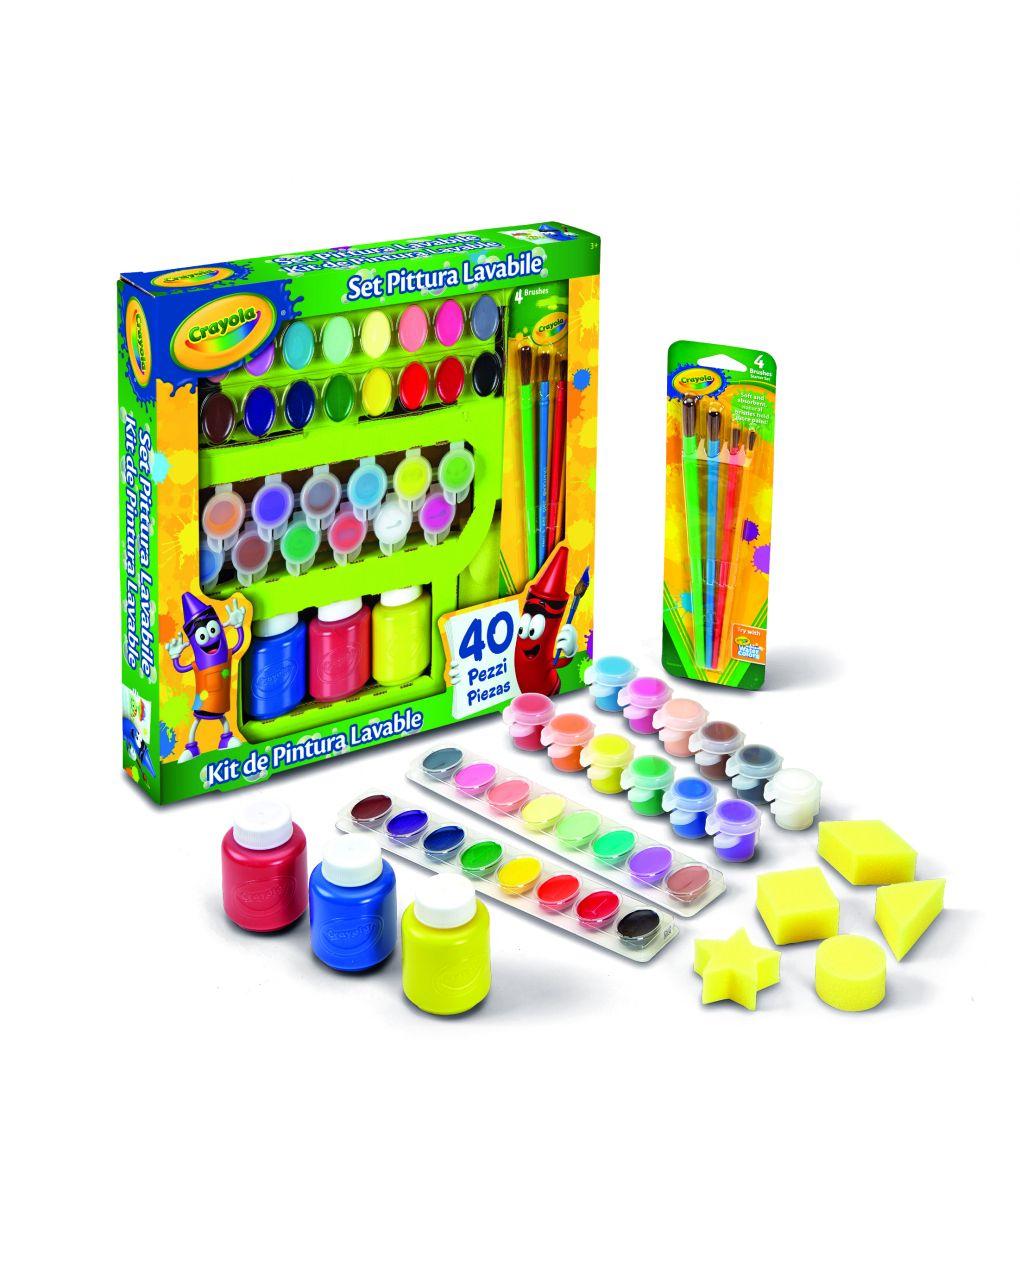 Crayola - conjunto de pintura - Crayola